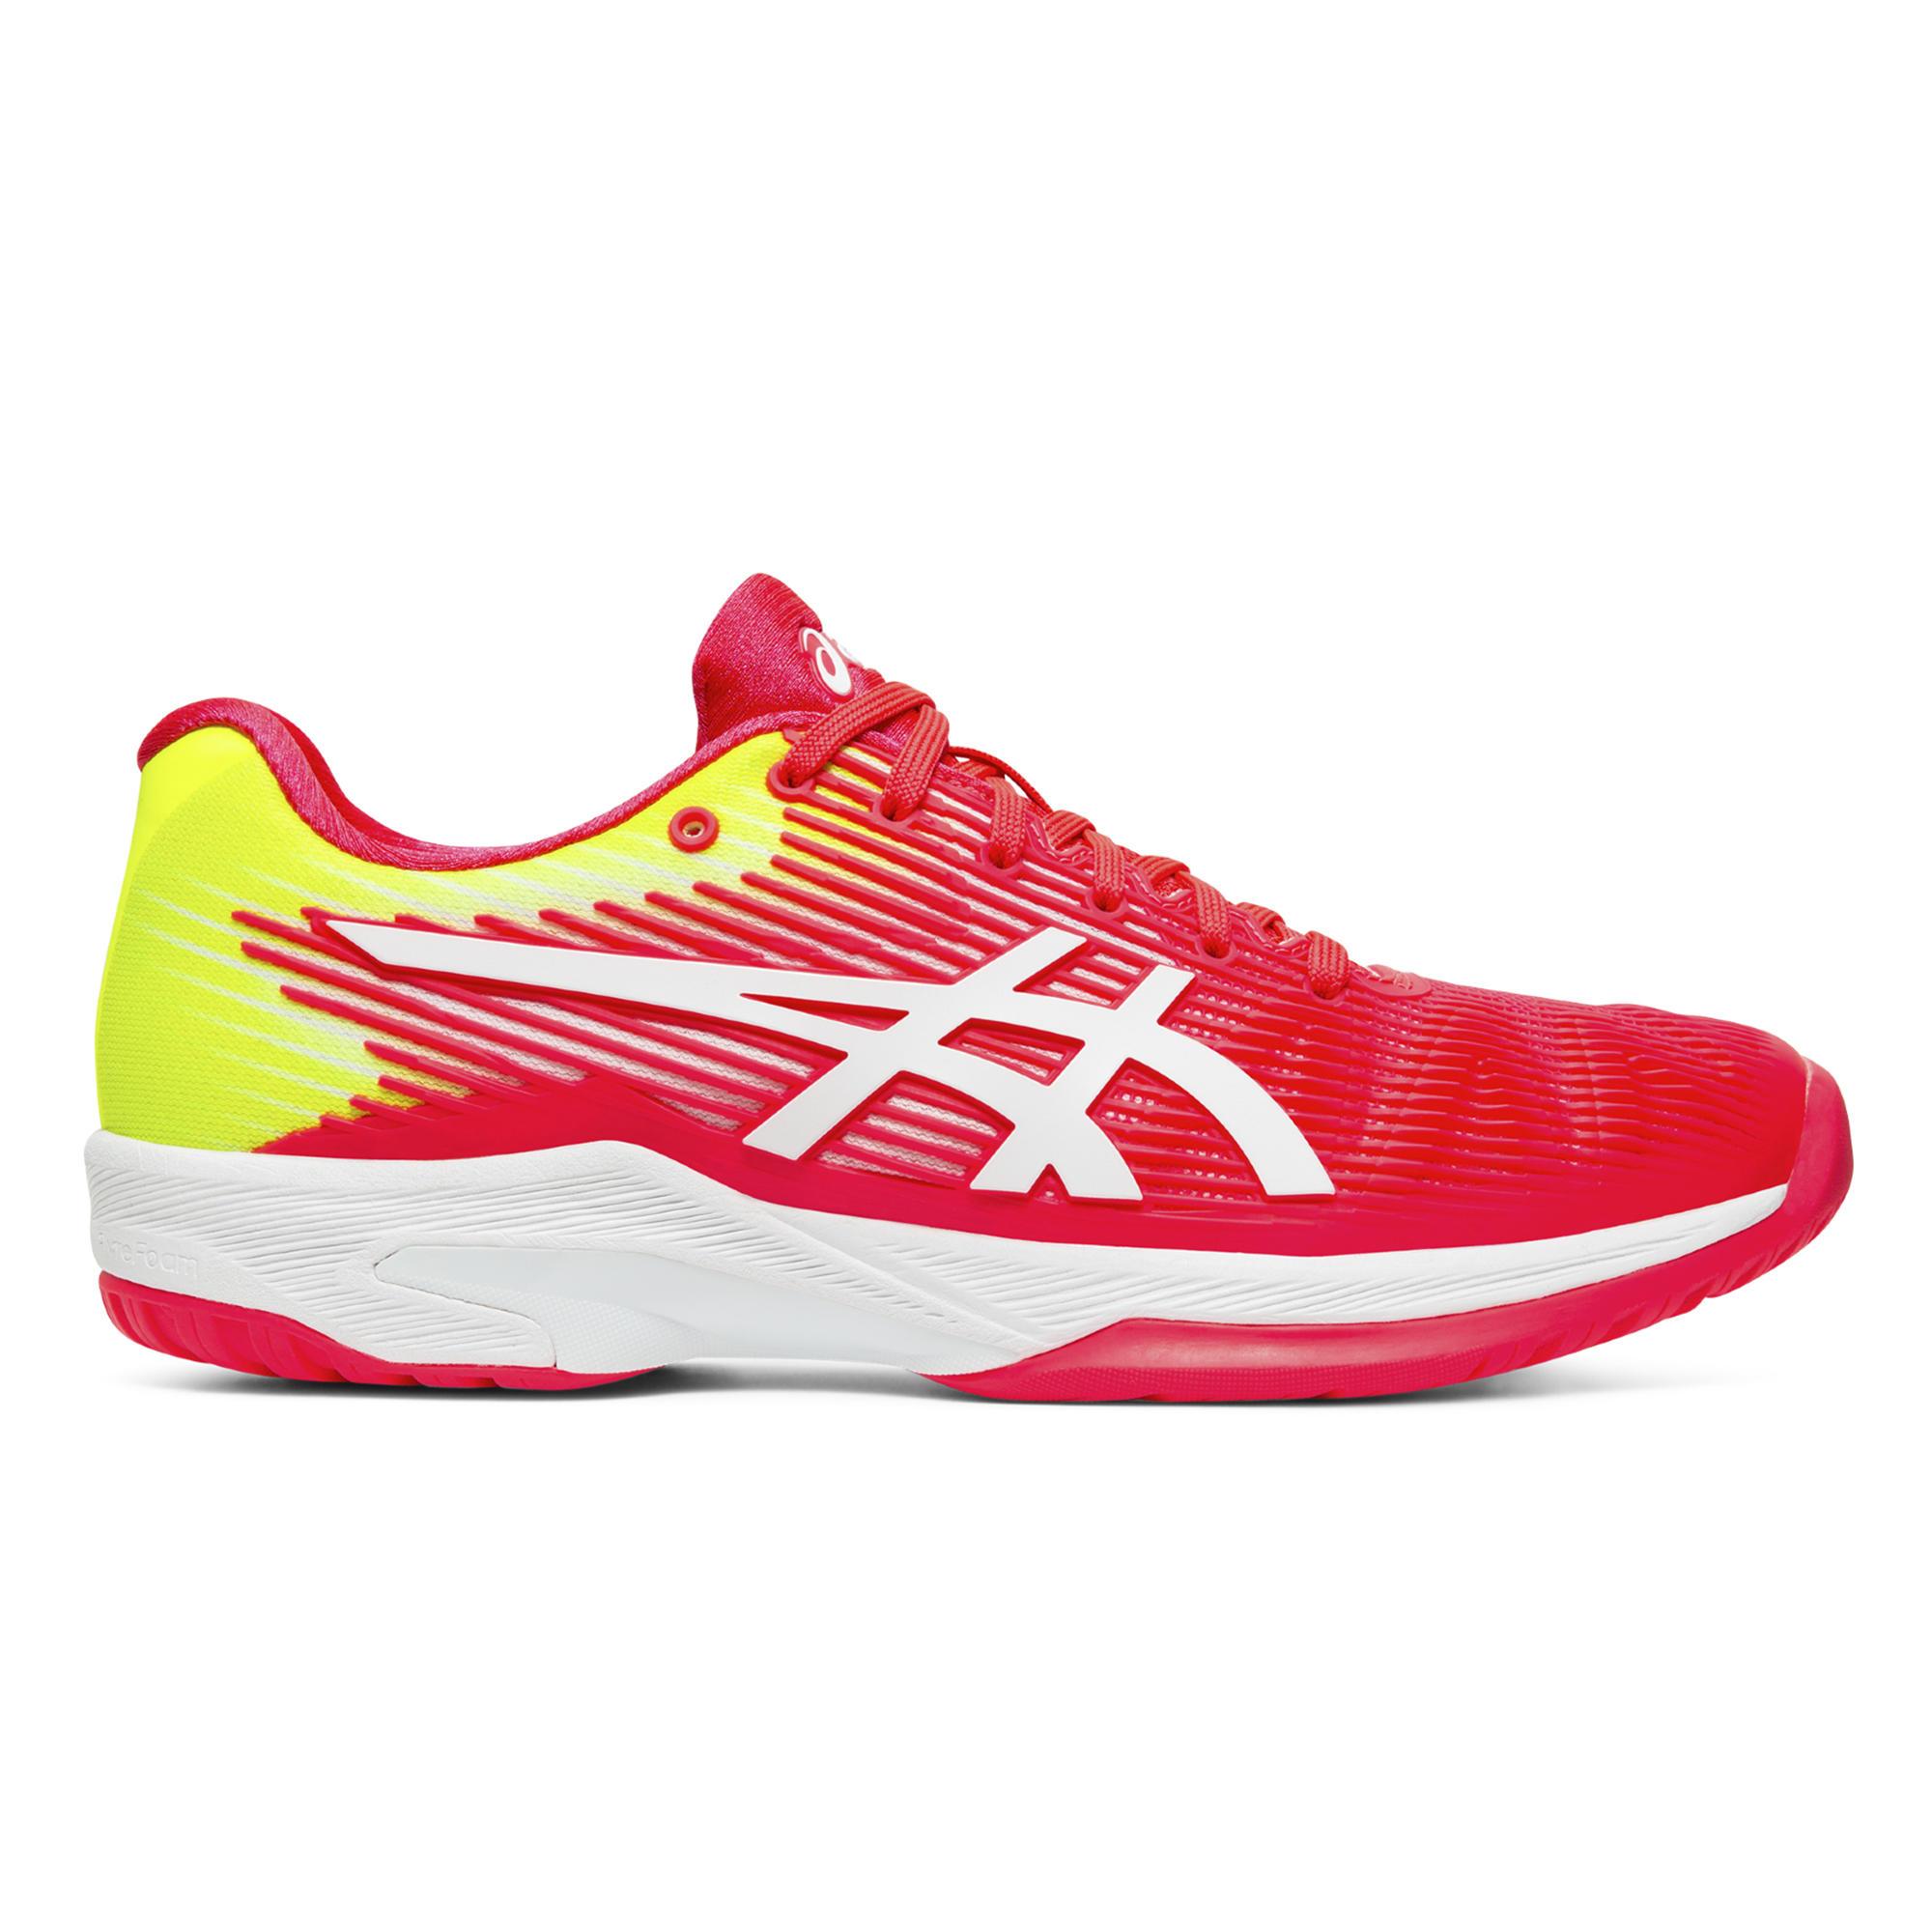 Tennisschuhe Gel Solution Damen rosa | Schuhe > Sportschuhe > Tennisschuhe | ASICS